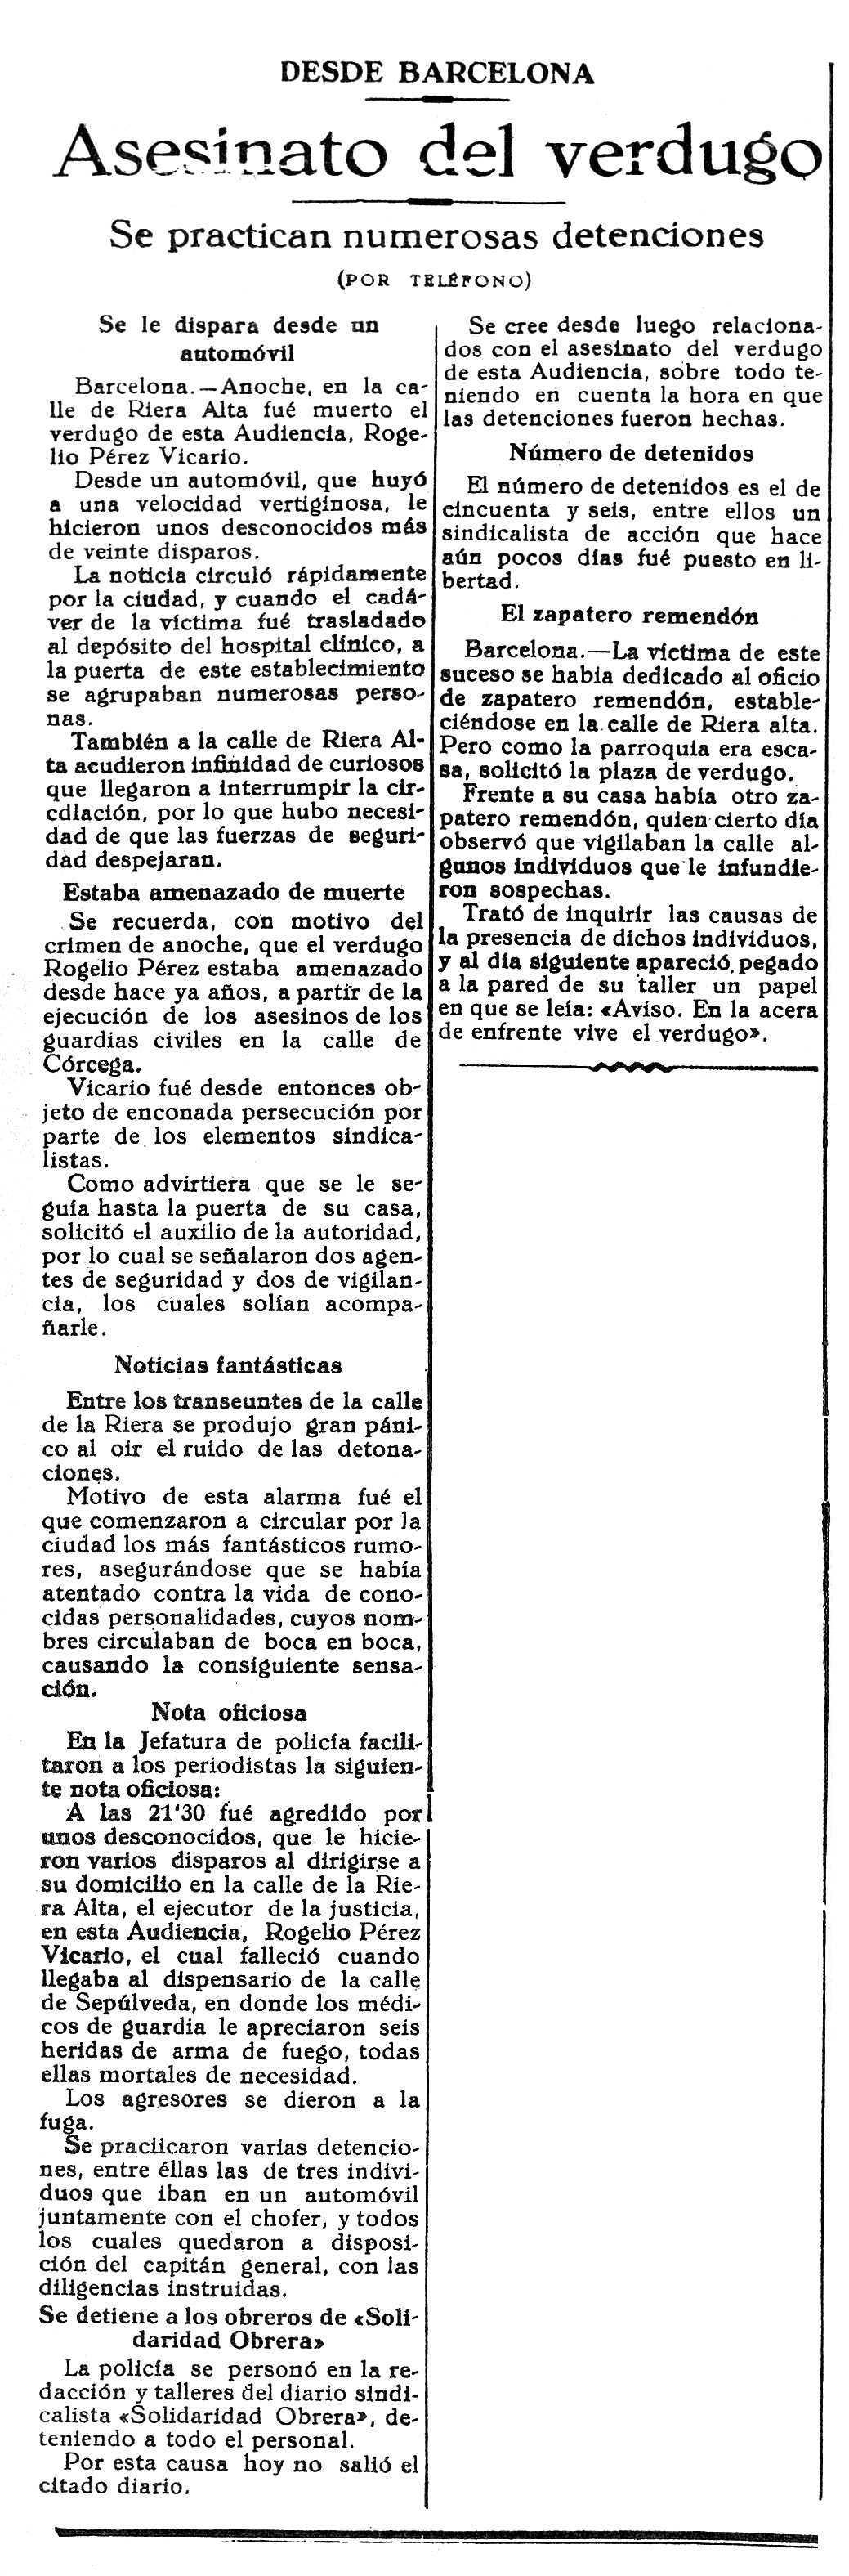 """Notícia de l'assassinat del botxí de Barcelona apareguda en el diari d'Oviedo """"La Voz de Asturias"""" del 30 de maig de 1924"""